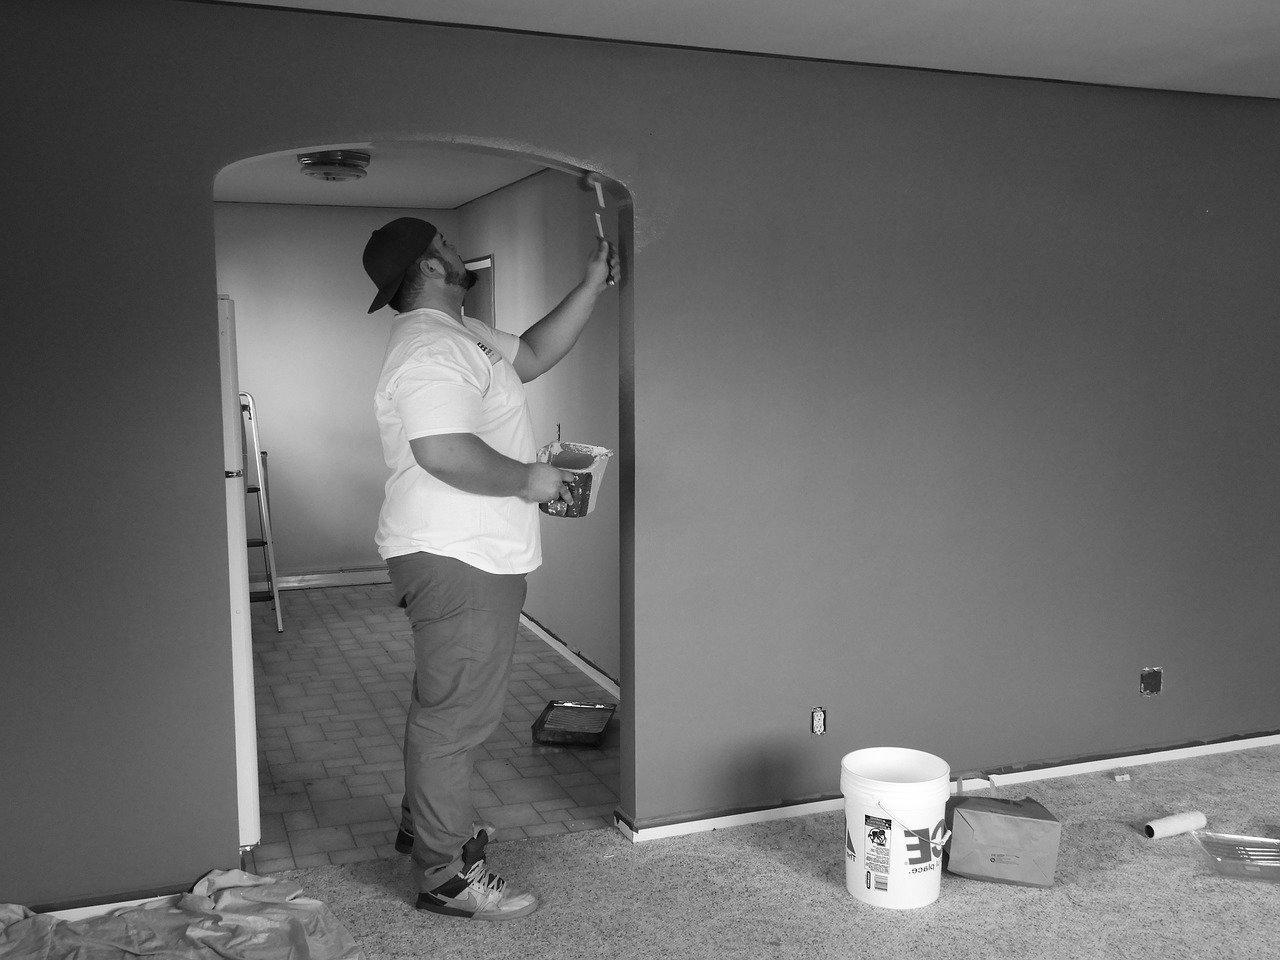 Rénover une maison à Amboise 37400 | Entreprises de rénovation